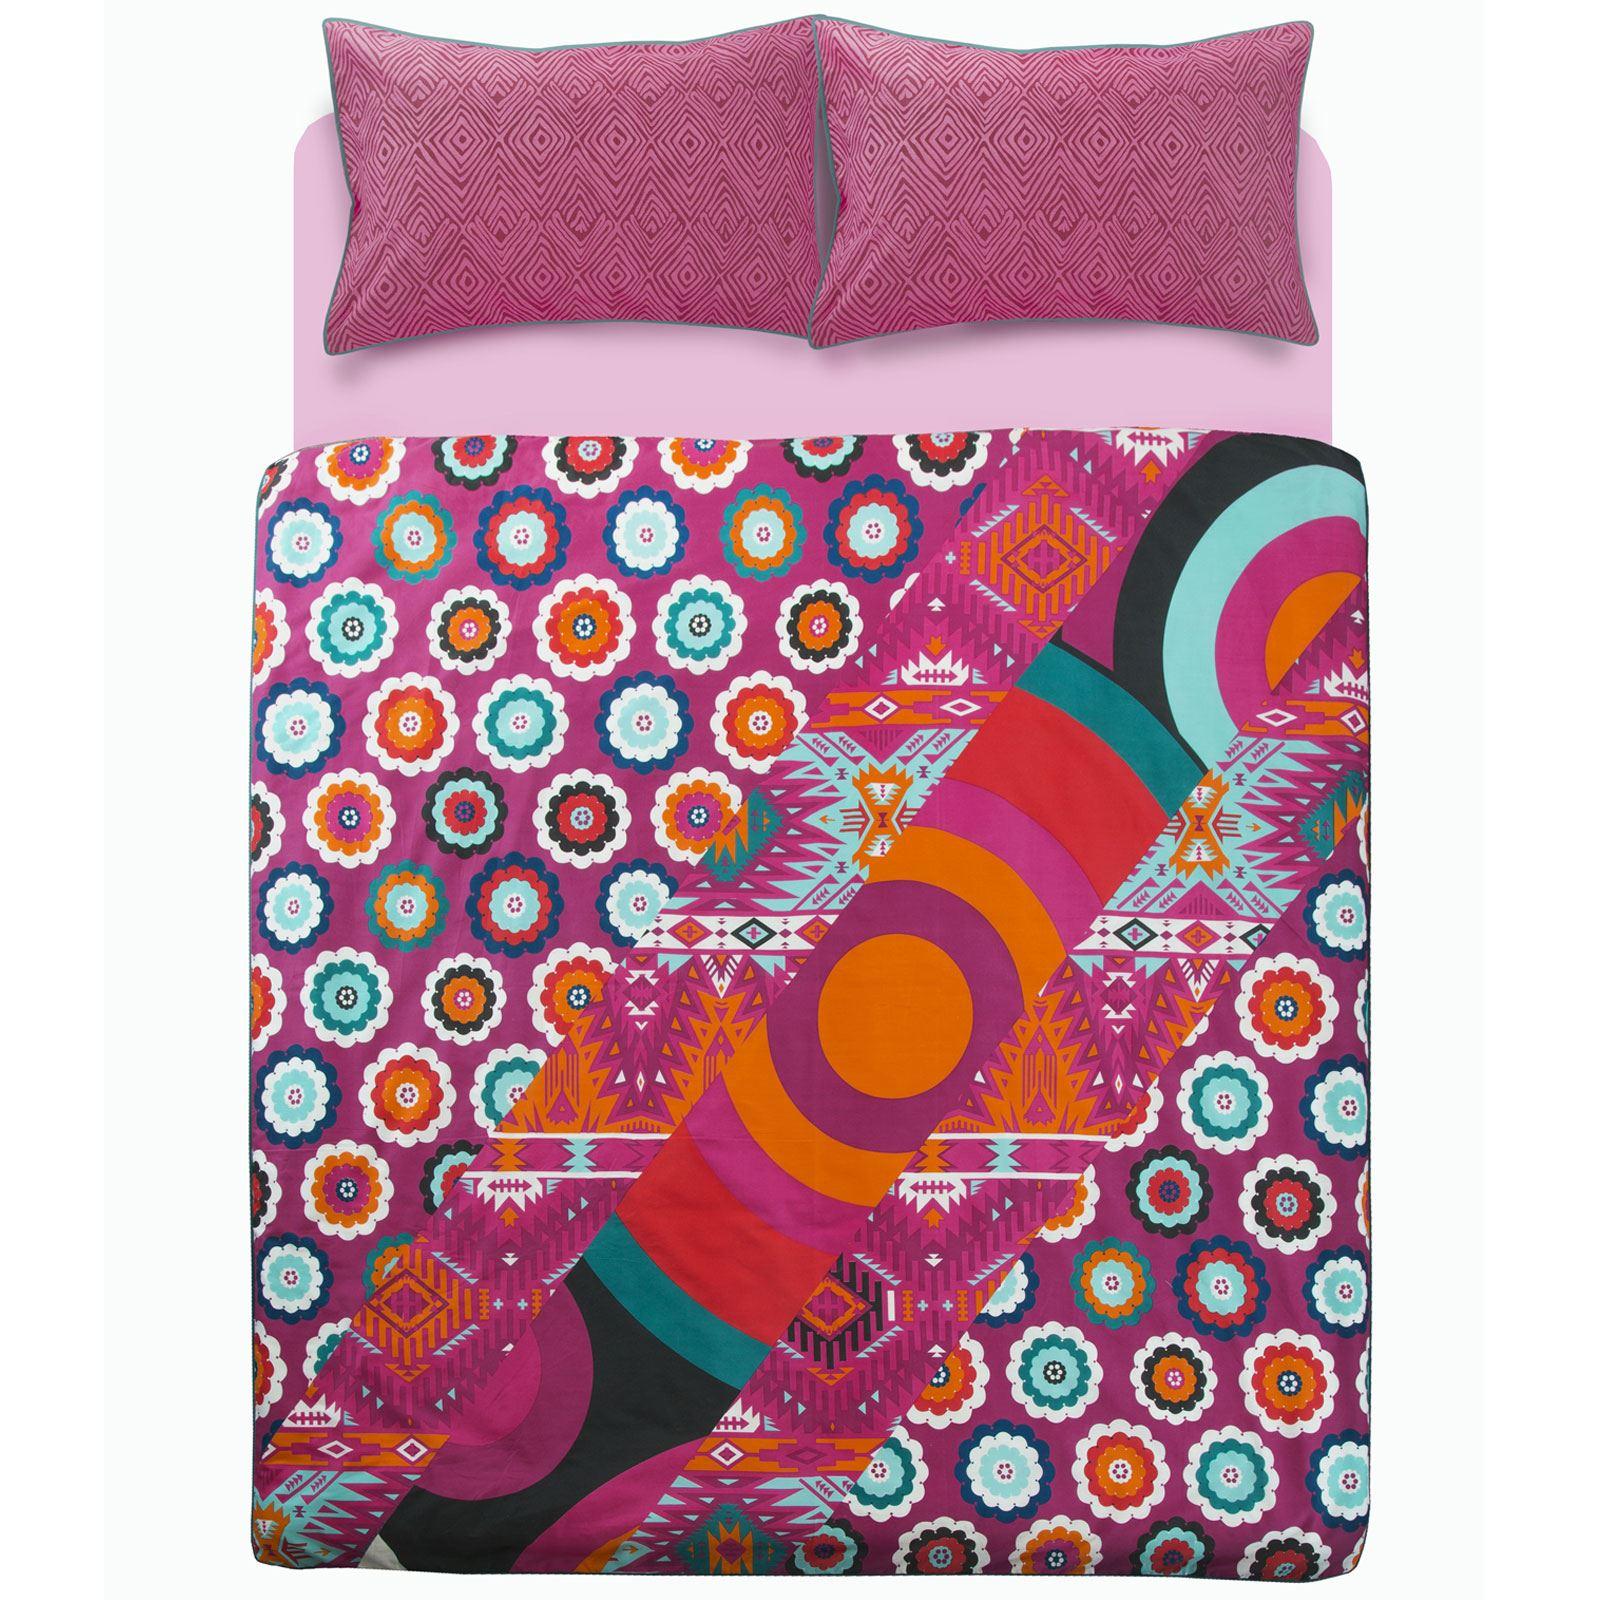 Ropa-de-cama-estampado-floral-bohemio-conjunto-de-edredon-de-funda-nordica-individual-Doble-King miniatura 7